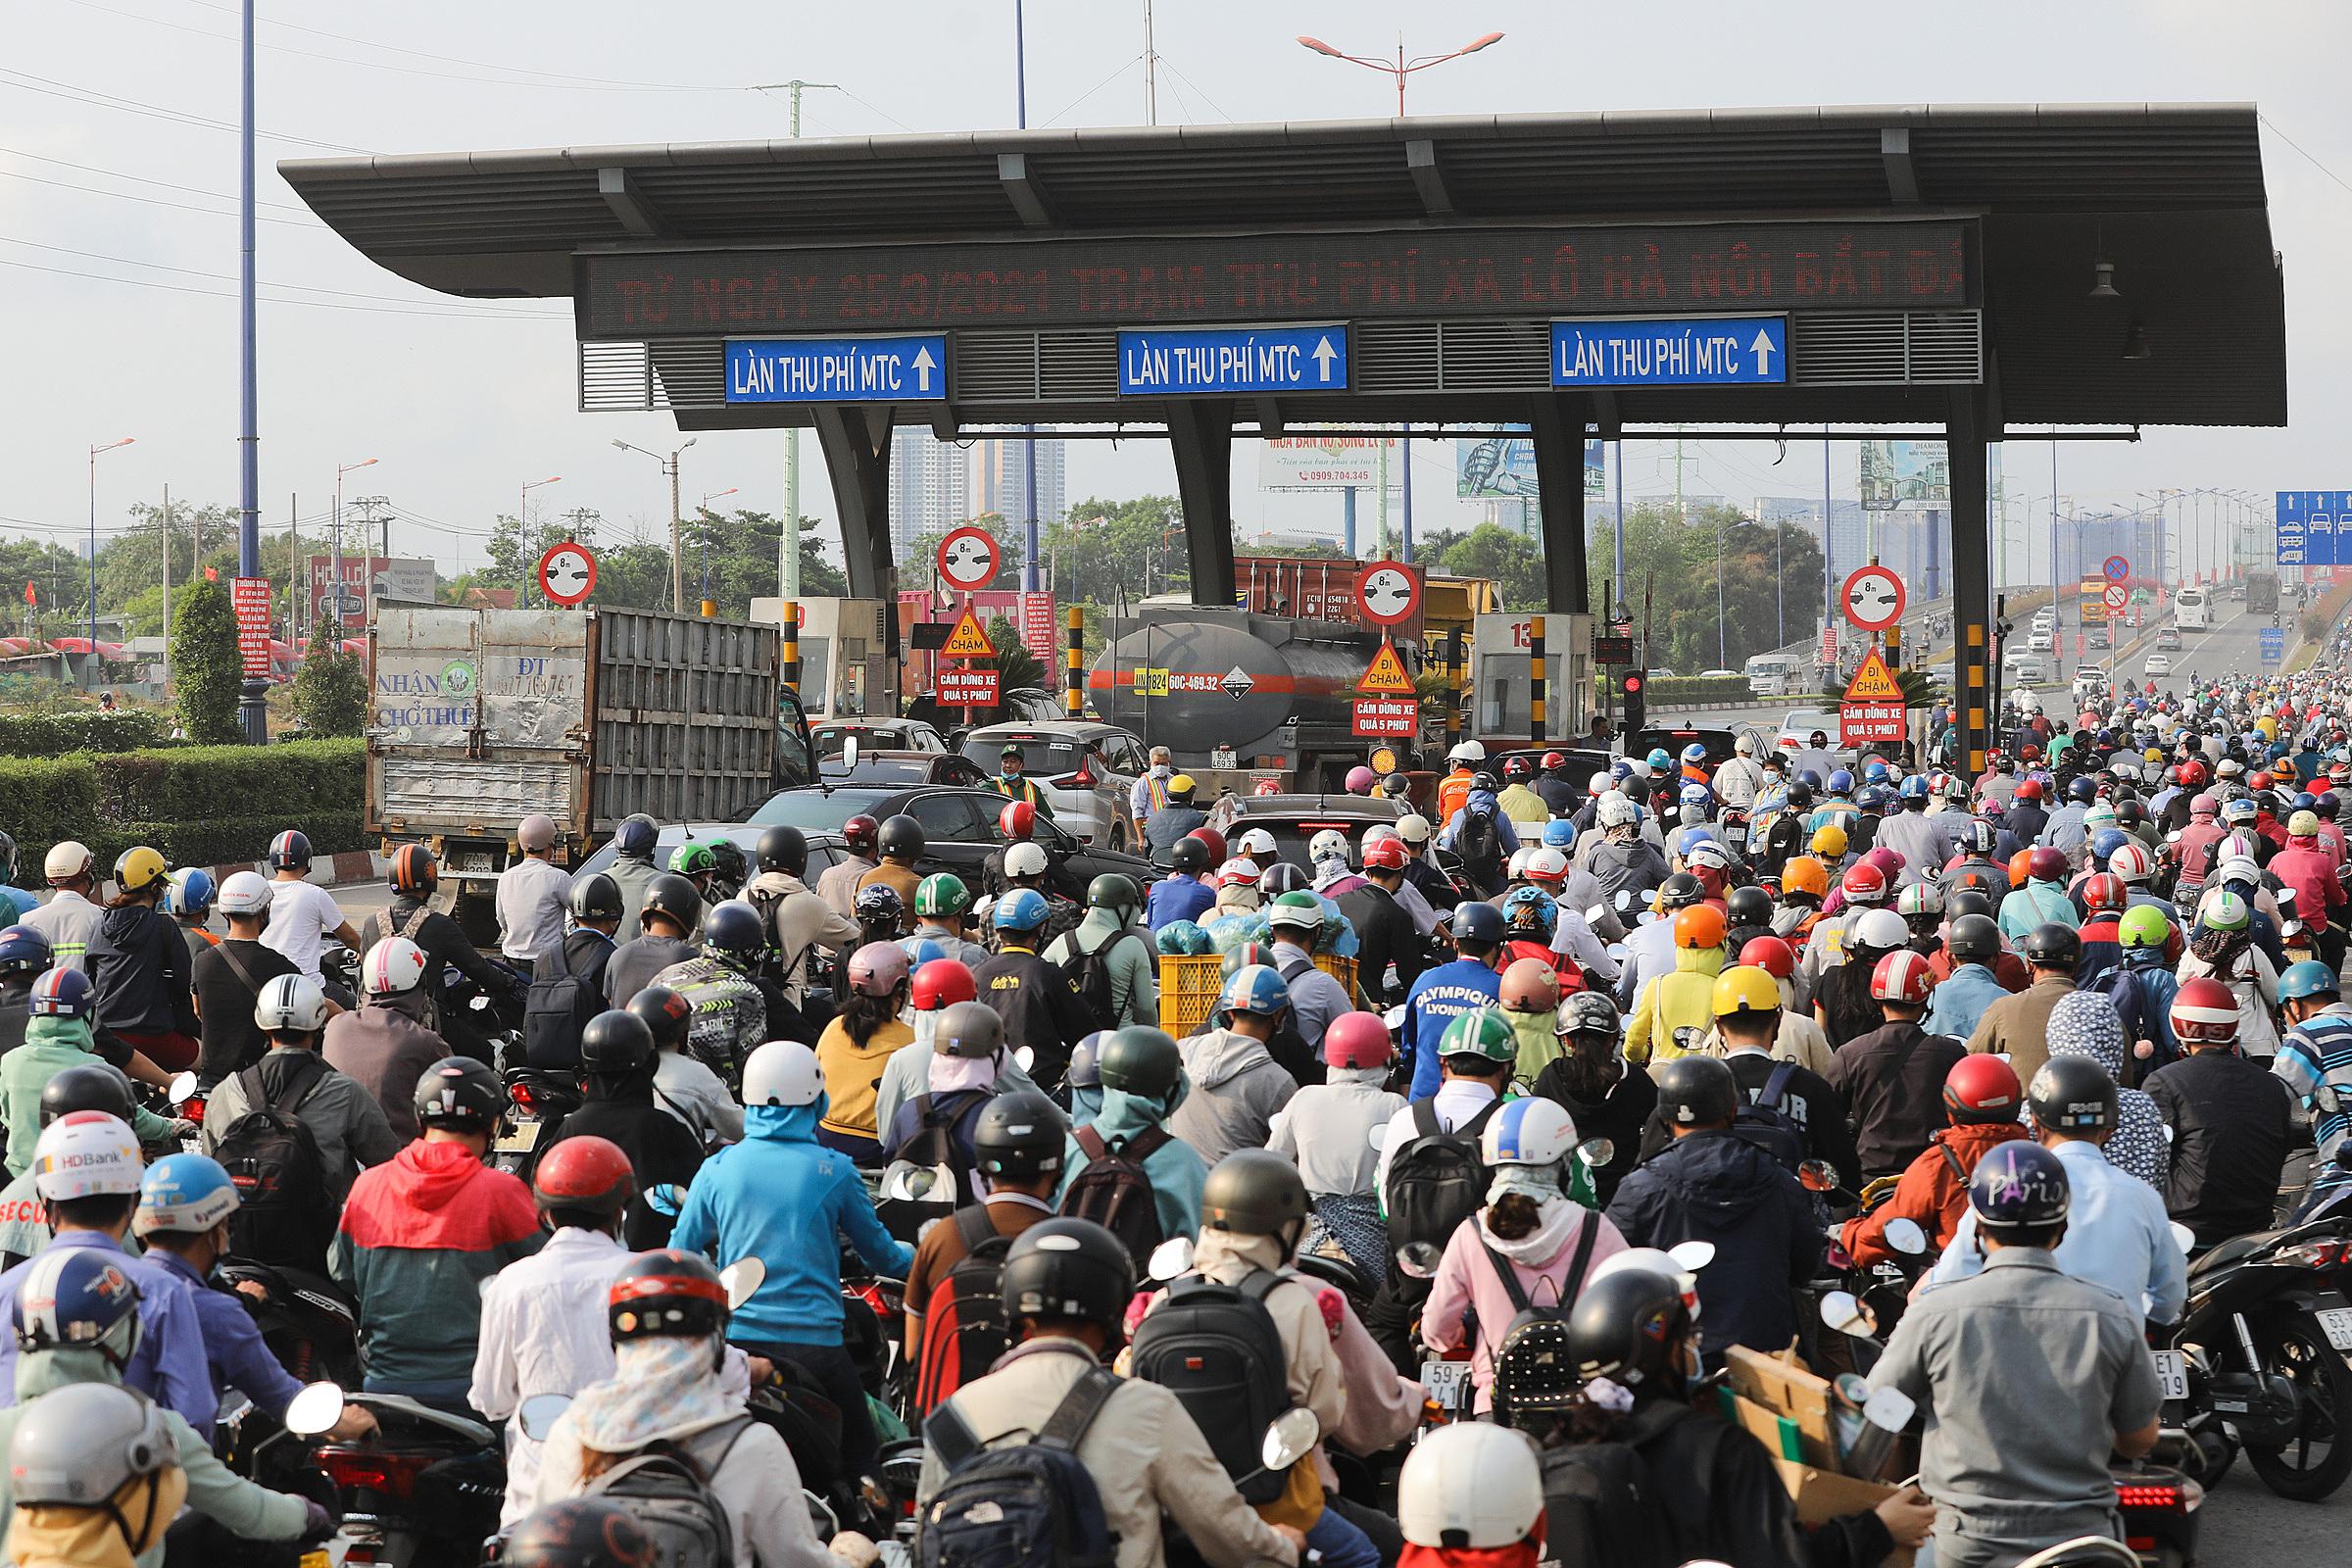 Kẹt xe ở khu vực Xa lộ Hà Nội khi BOT thu phí trở lại ngày 1/4/2021. Ảnh: Quỳnh Trần